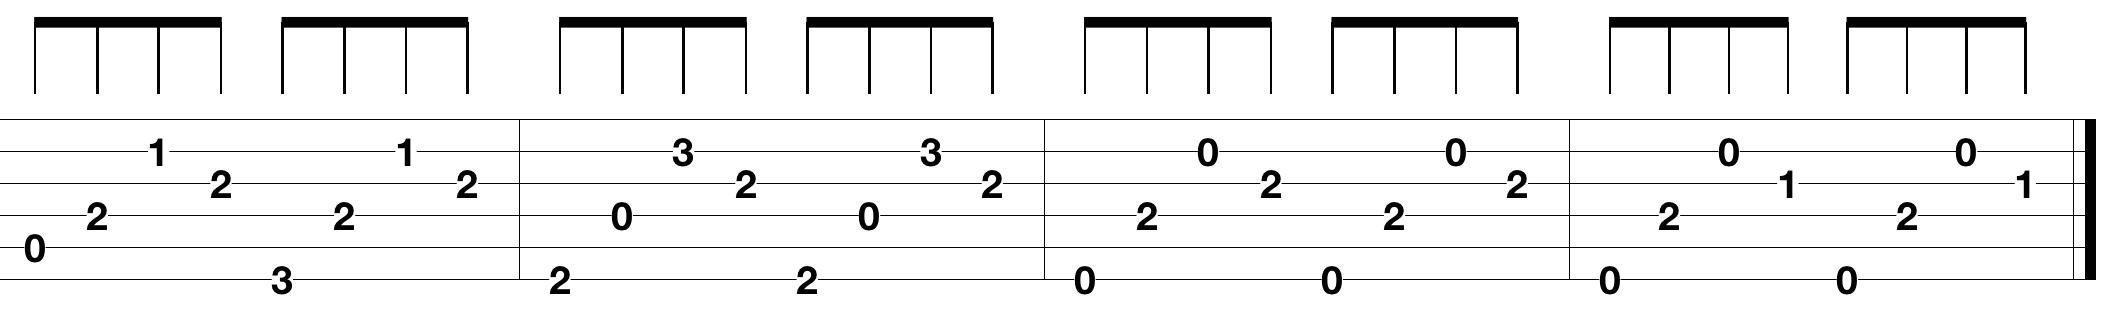 easy-guitar-tablature_2.png